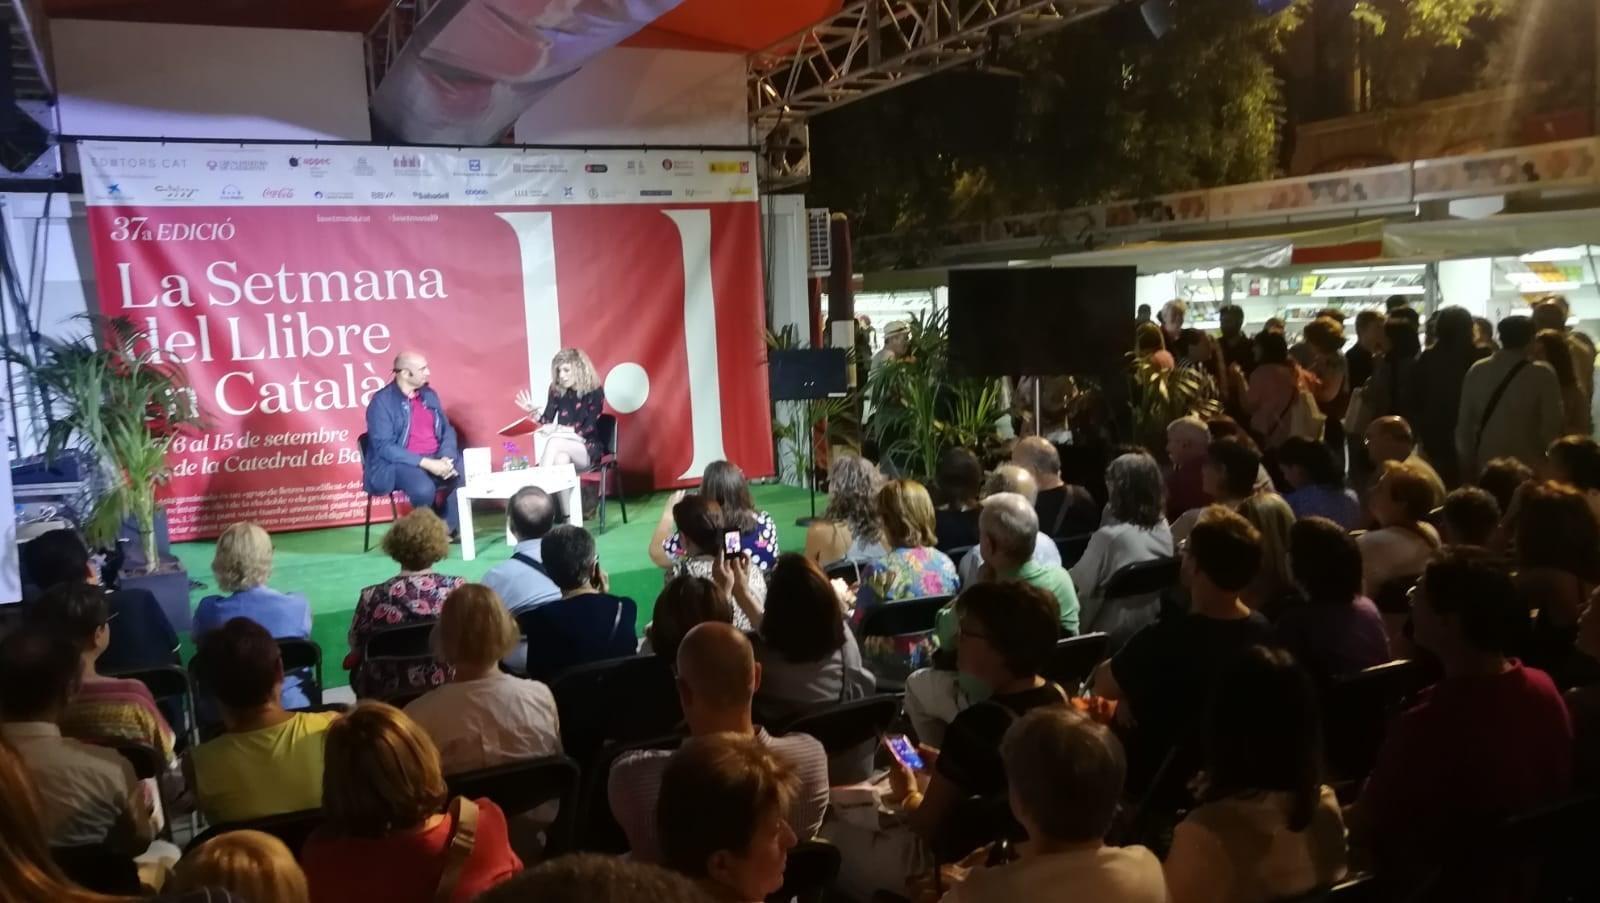 La Nit de la Setmana del Llibre en Català